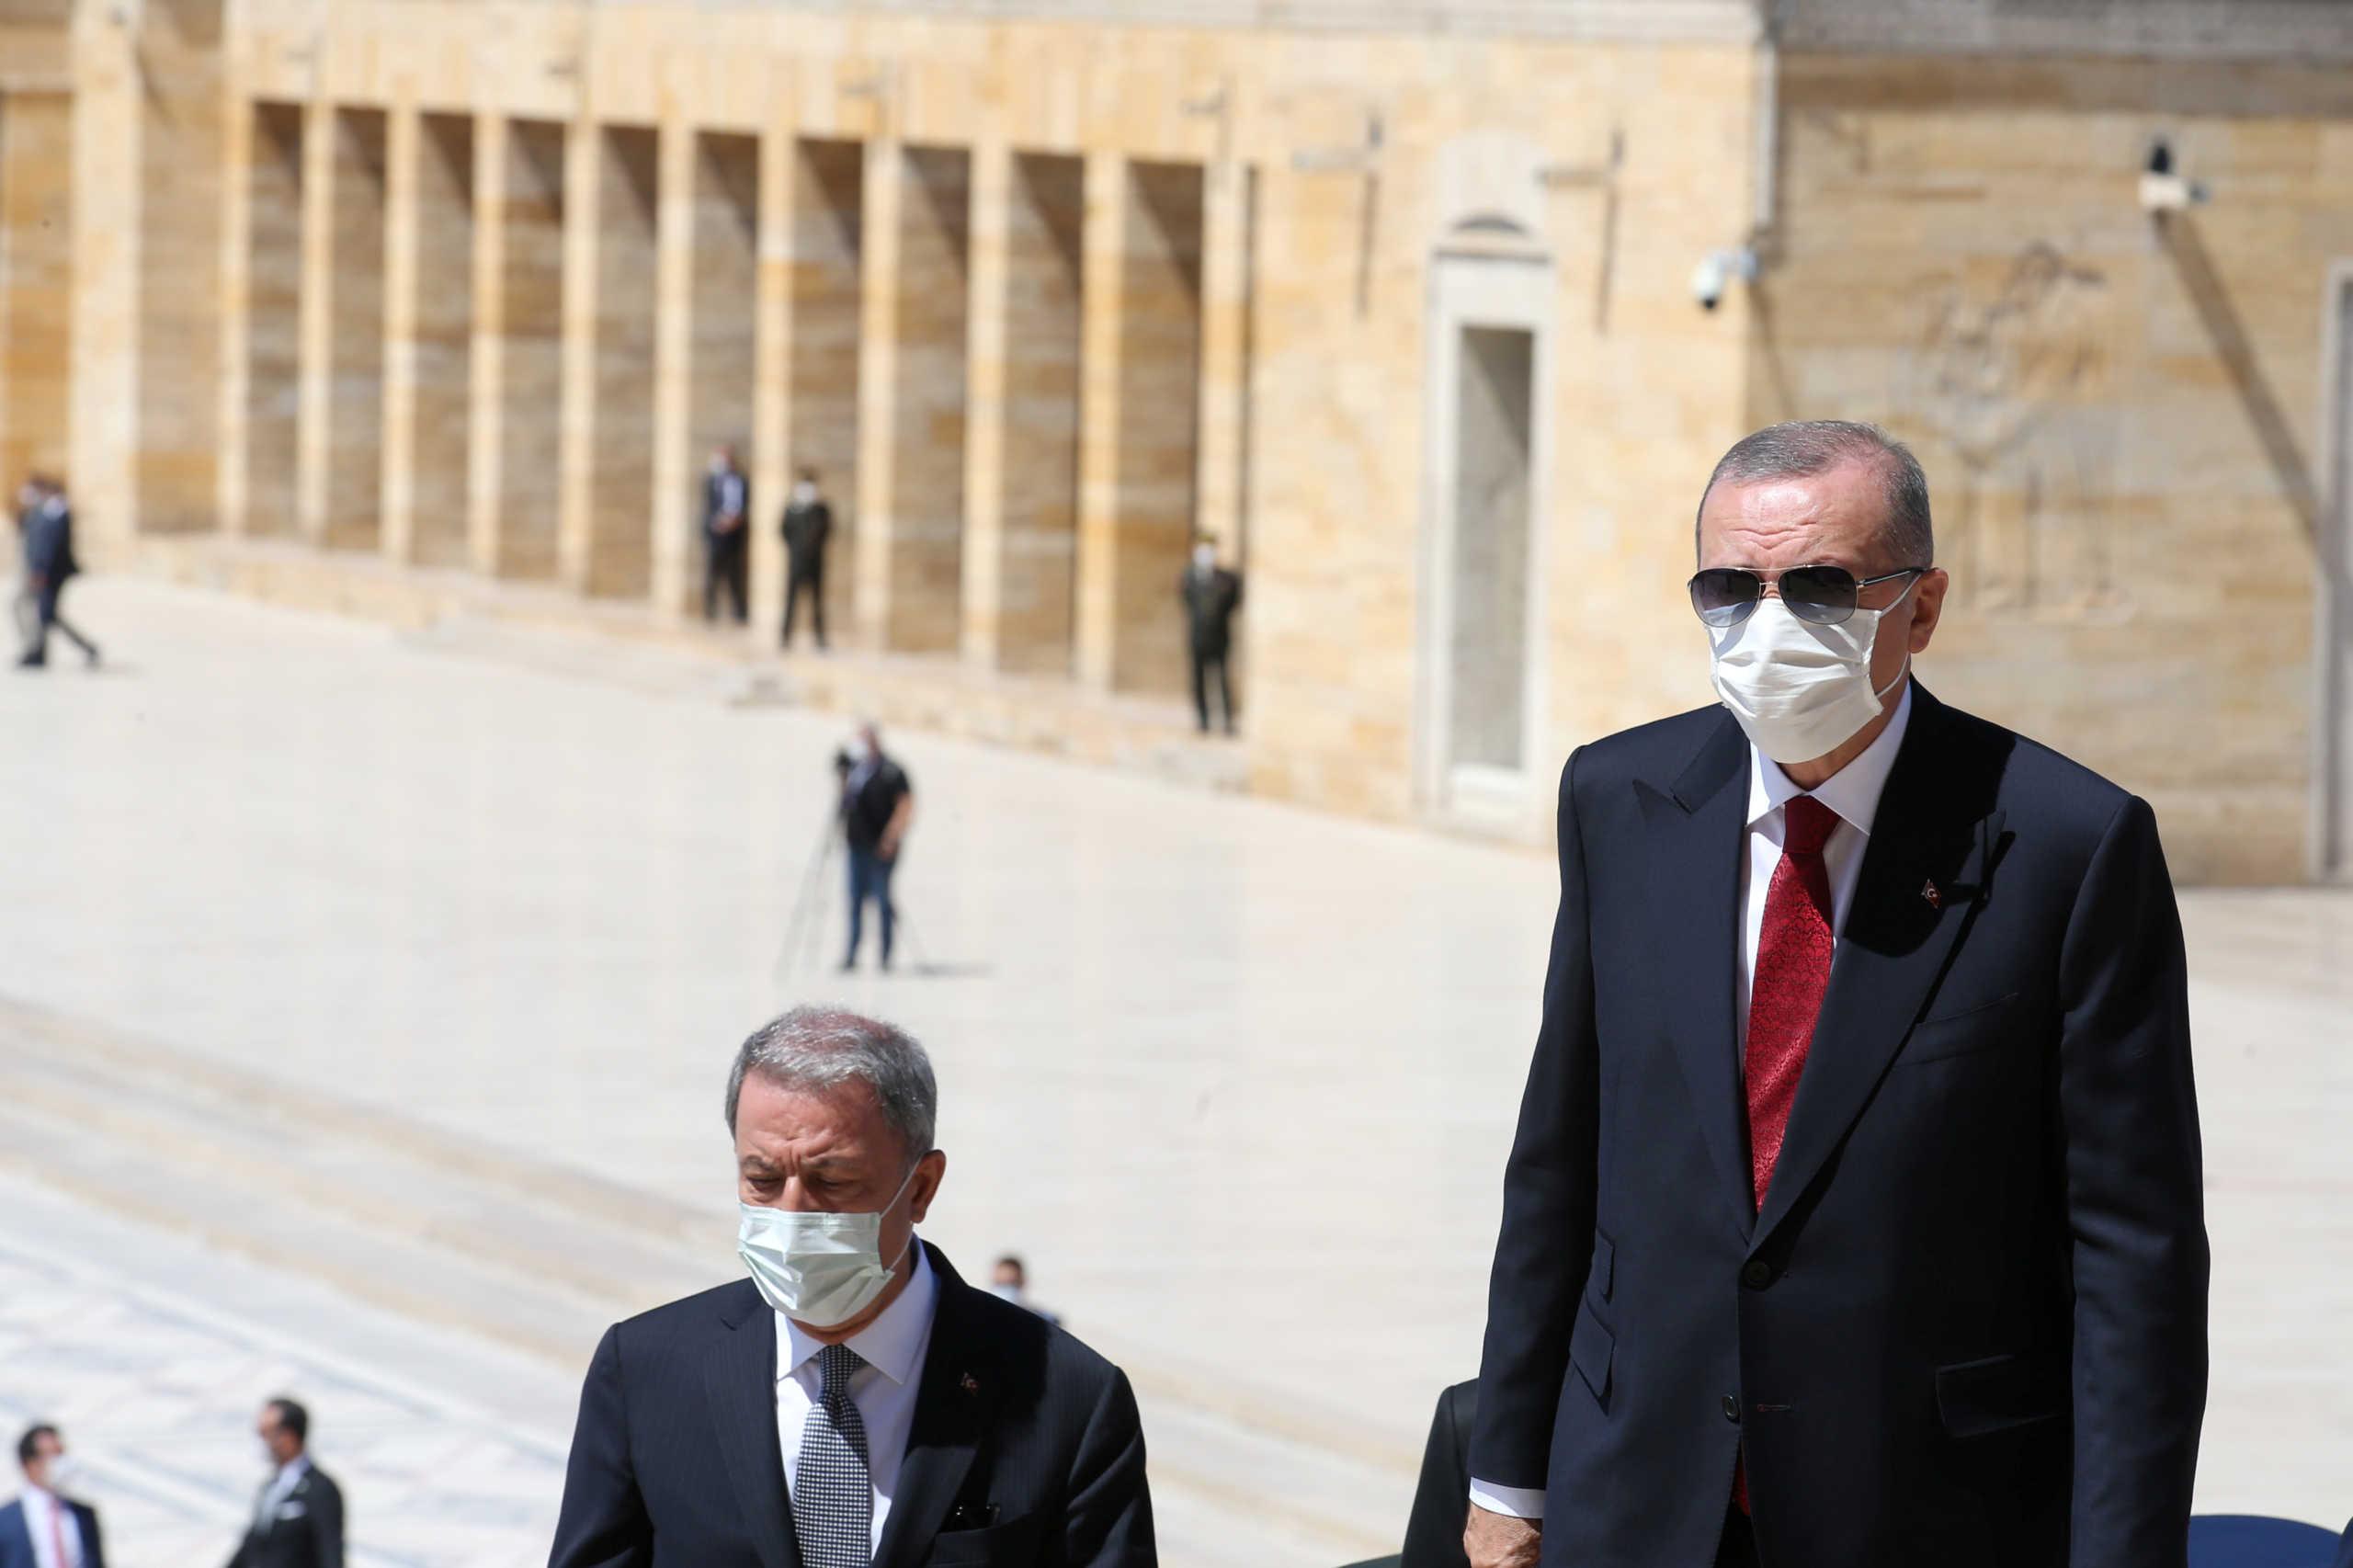 Εκπρόσωπος Ερντογάν: «Παγώνουμε για λίγο τις έρευνες στην Ανατολική Μεσόγειο για να κάνουμε διάλογο»